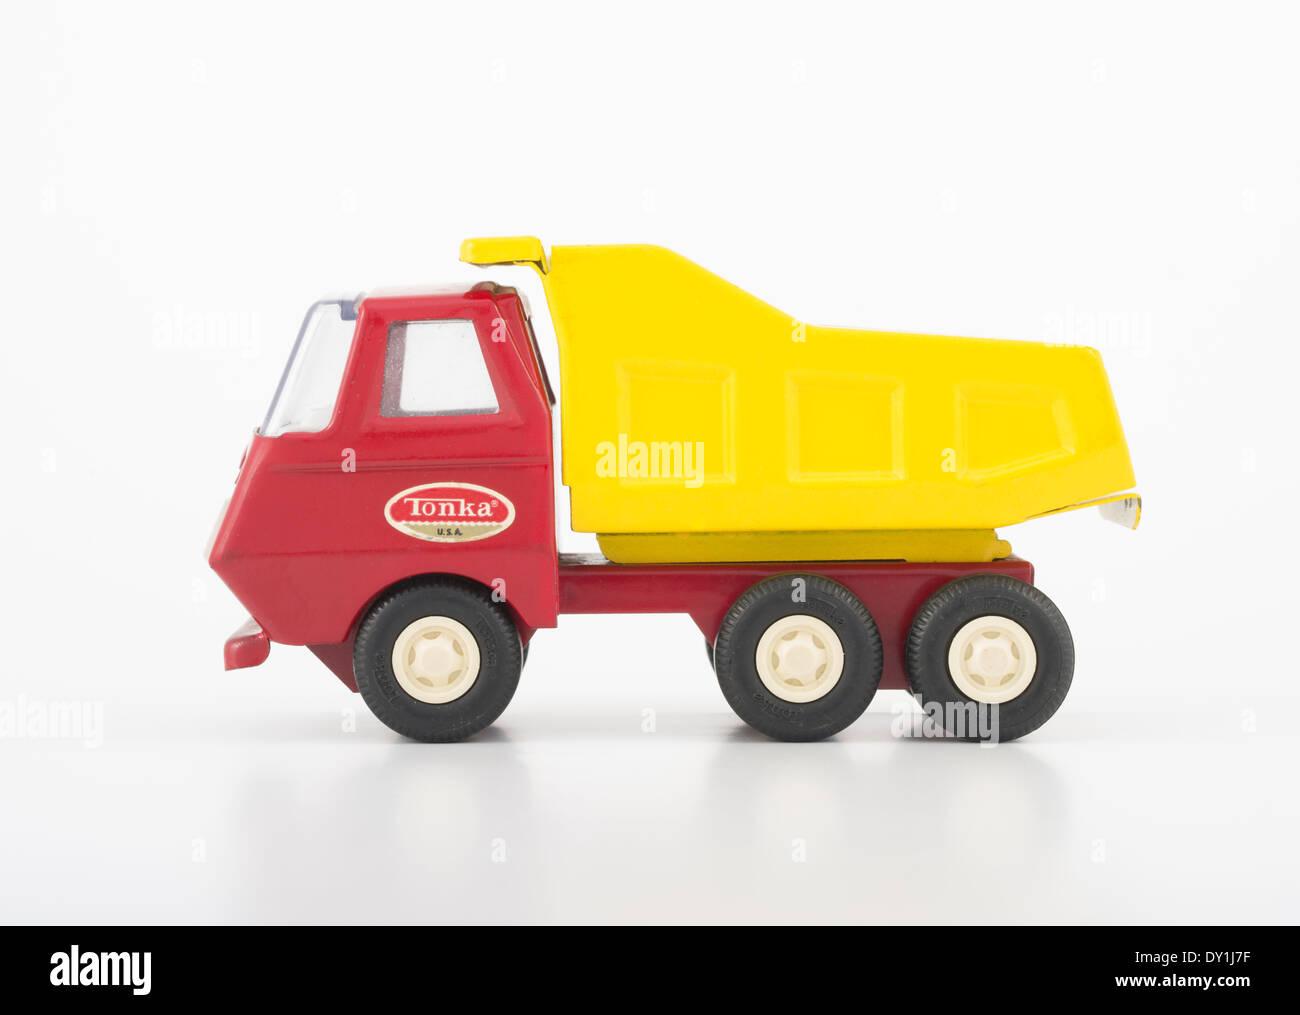 Les jouets Tonka #535 camion benne rouge et jaune de 1968 à 1970 Photo Stock